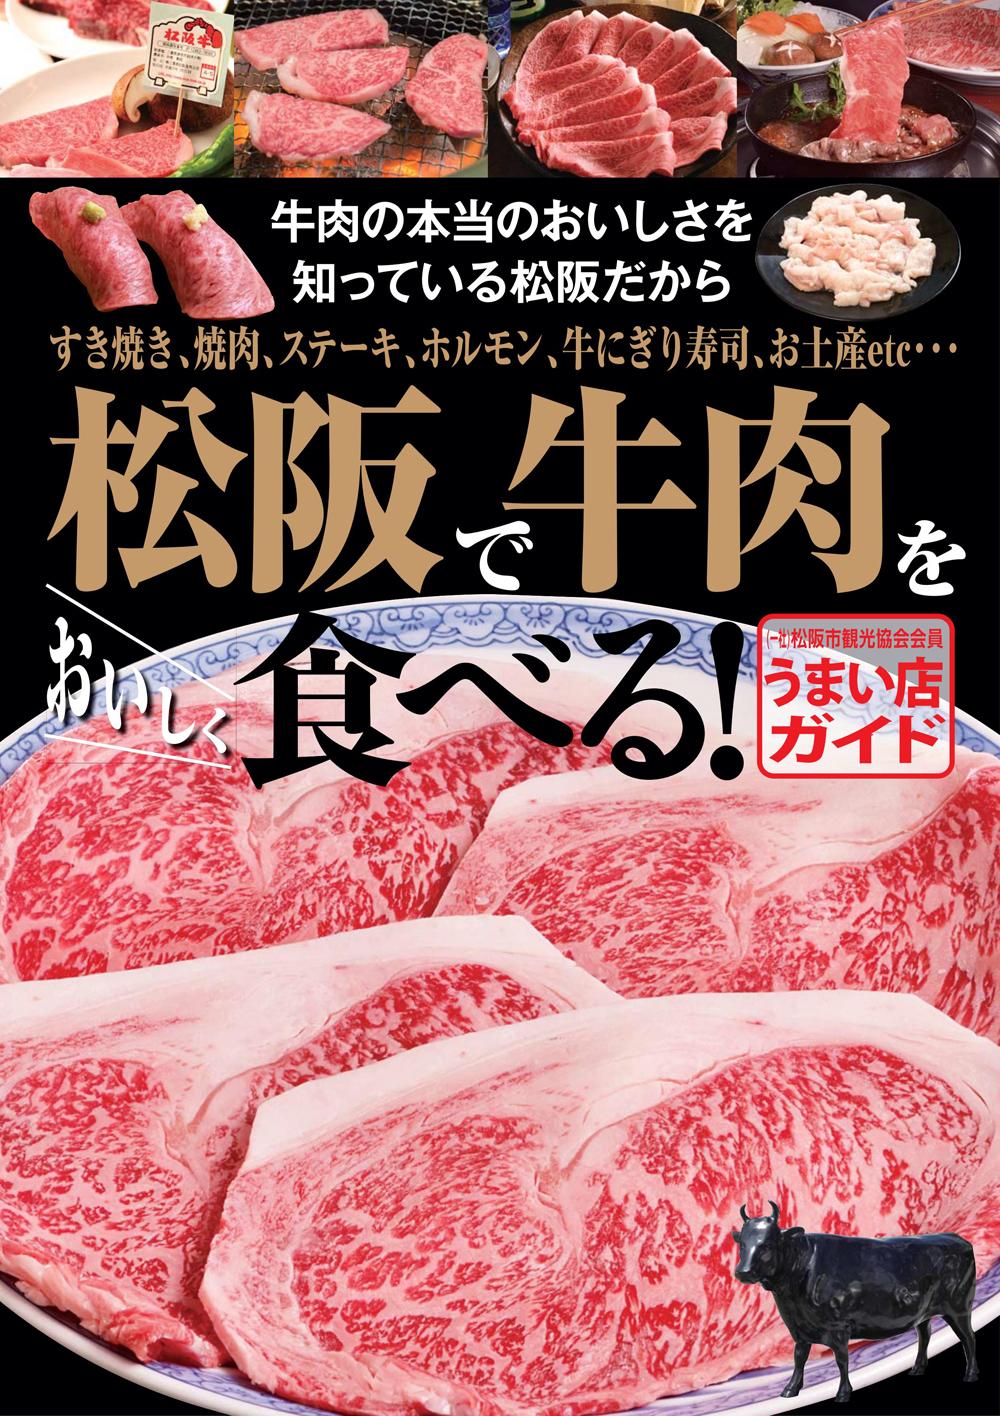 松阪で牛肉をおいしく食べる